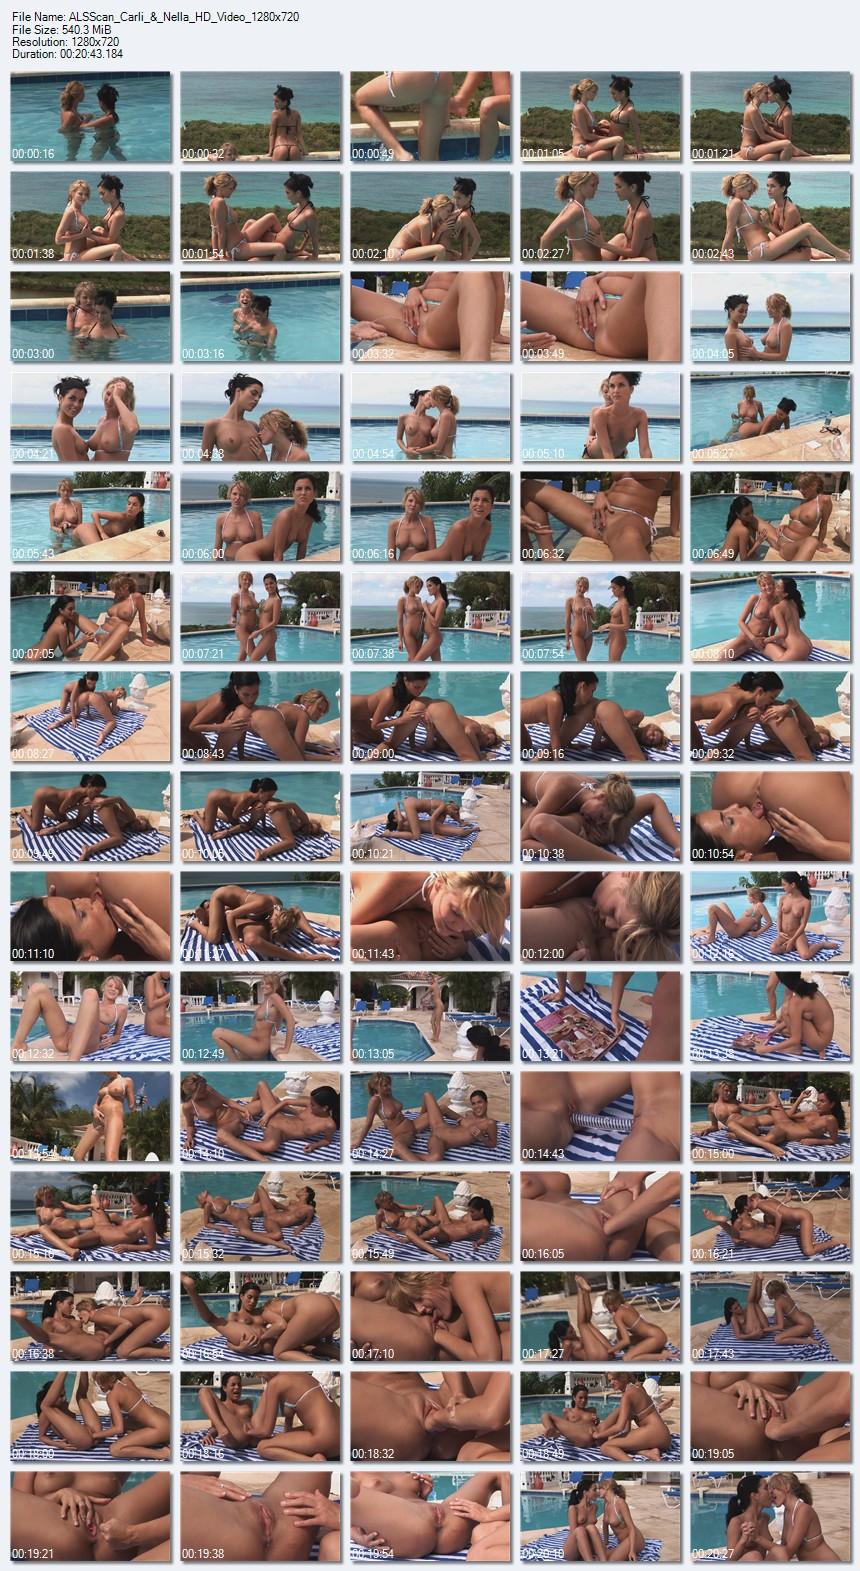 35325_ALSScan_Carli_0_Nella_HD_Video_1280x720_123_74lo.jpg